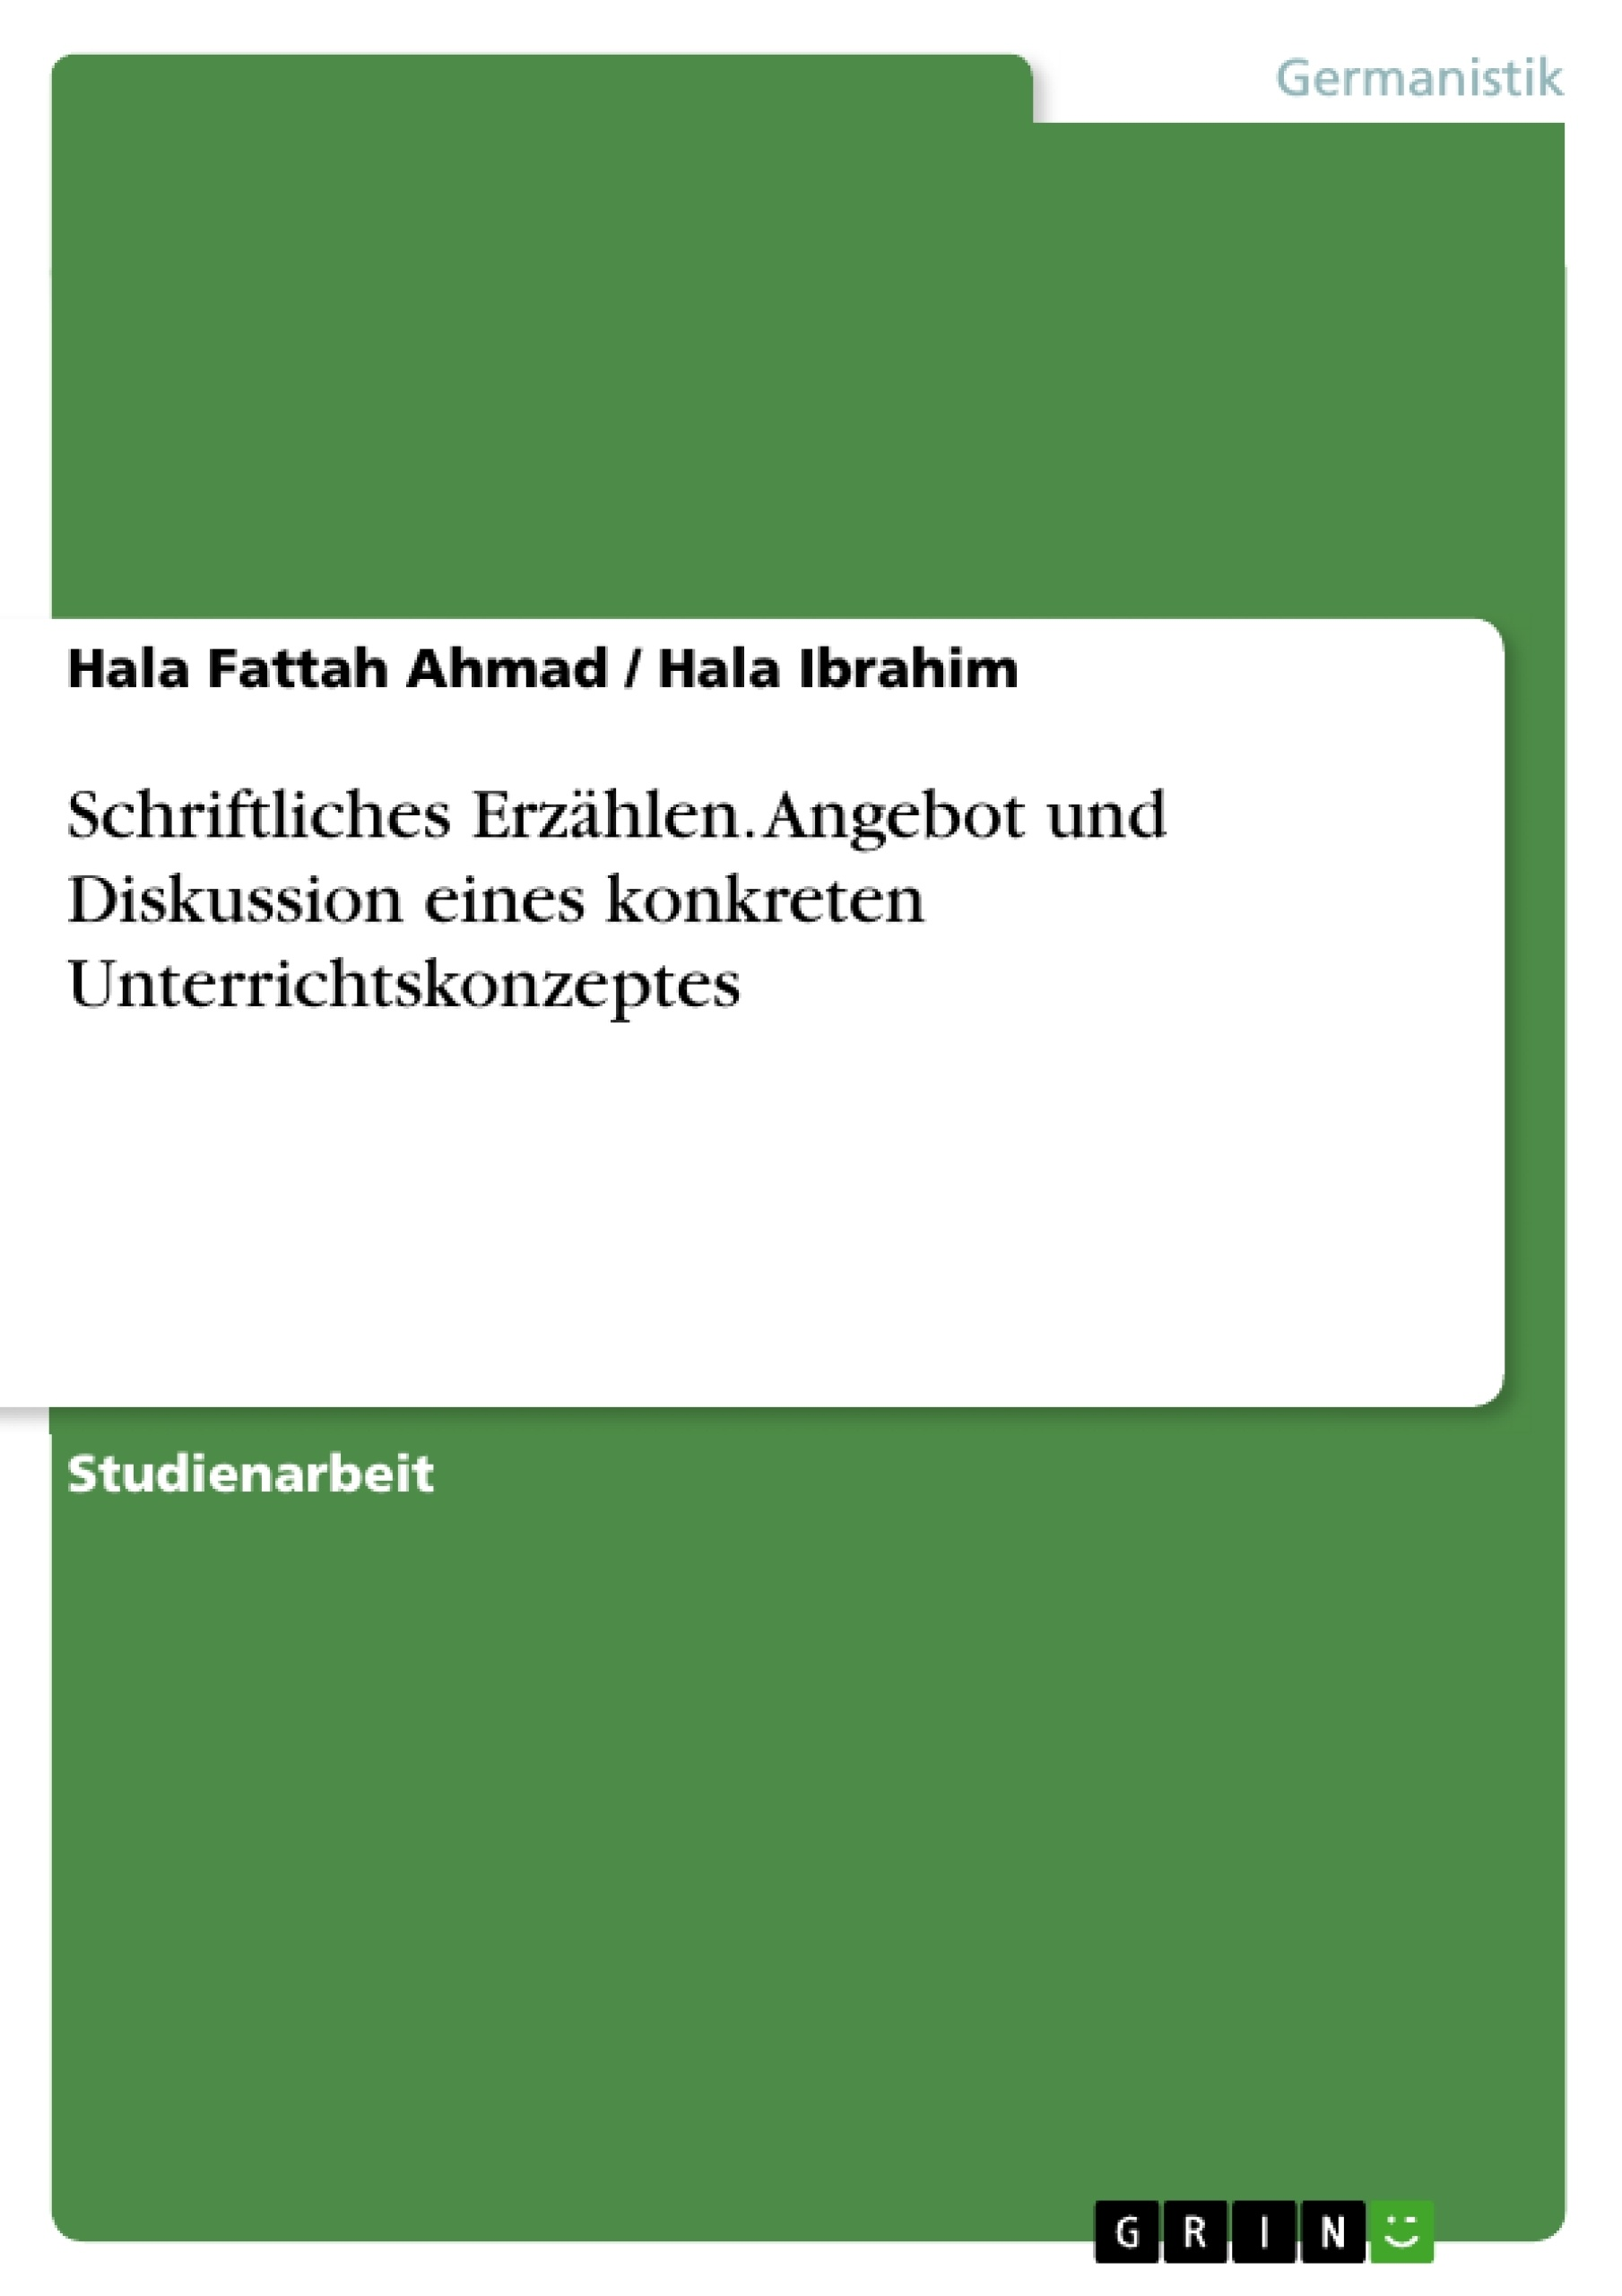 Titel: Schriftliches Erzählen. Angebot und Diskussion eines konkreten Unterrichtskonzeptes